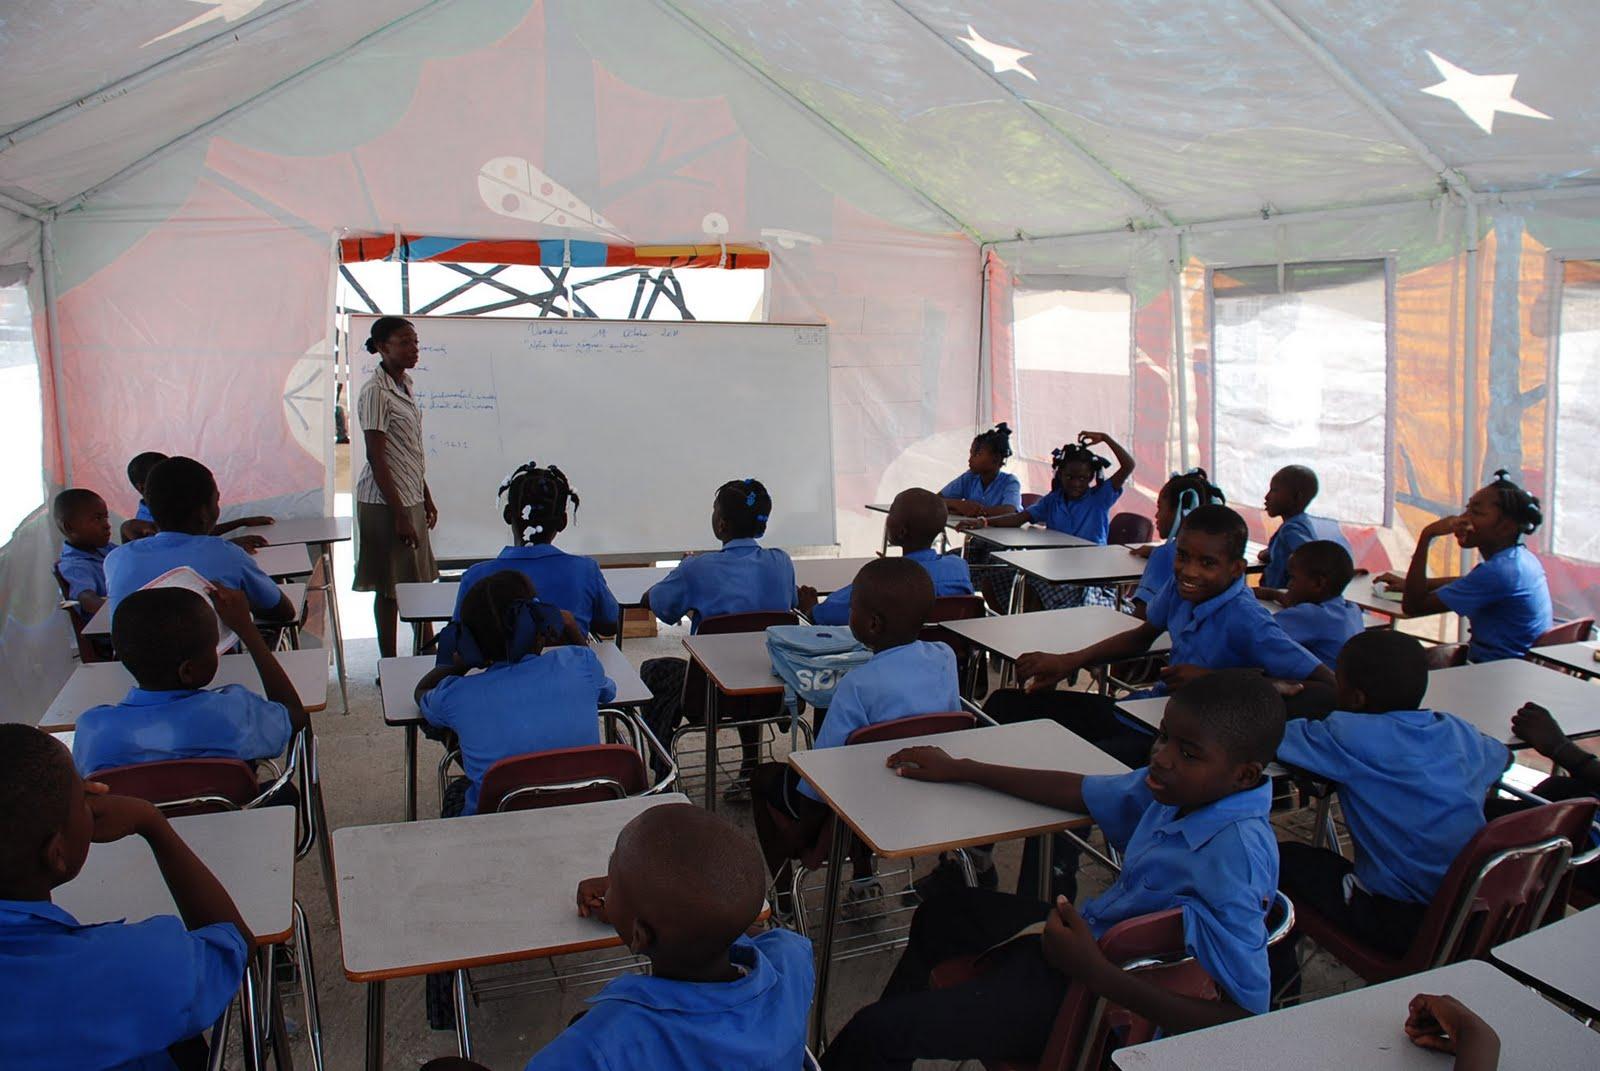 classroom tent